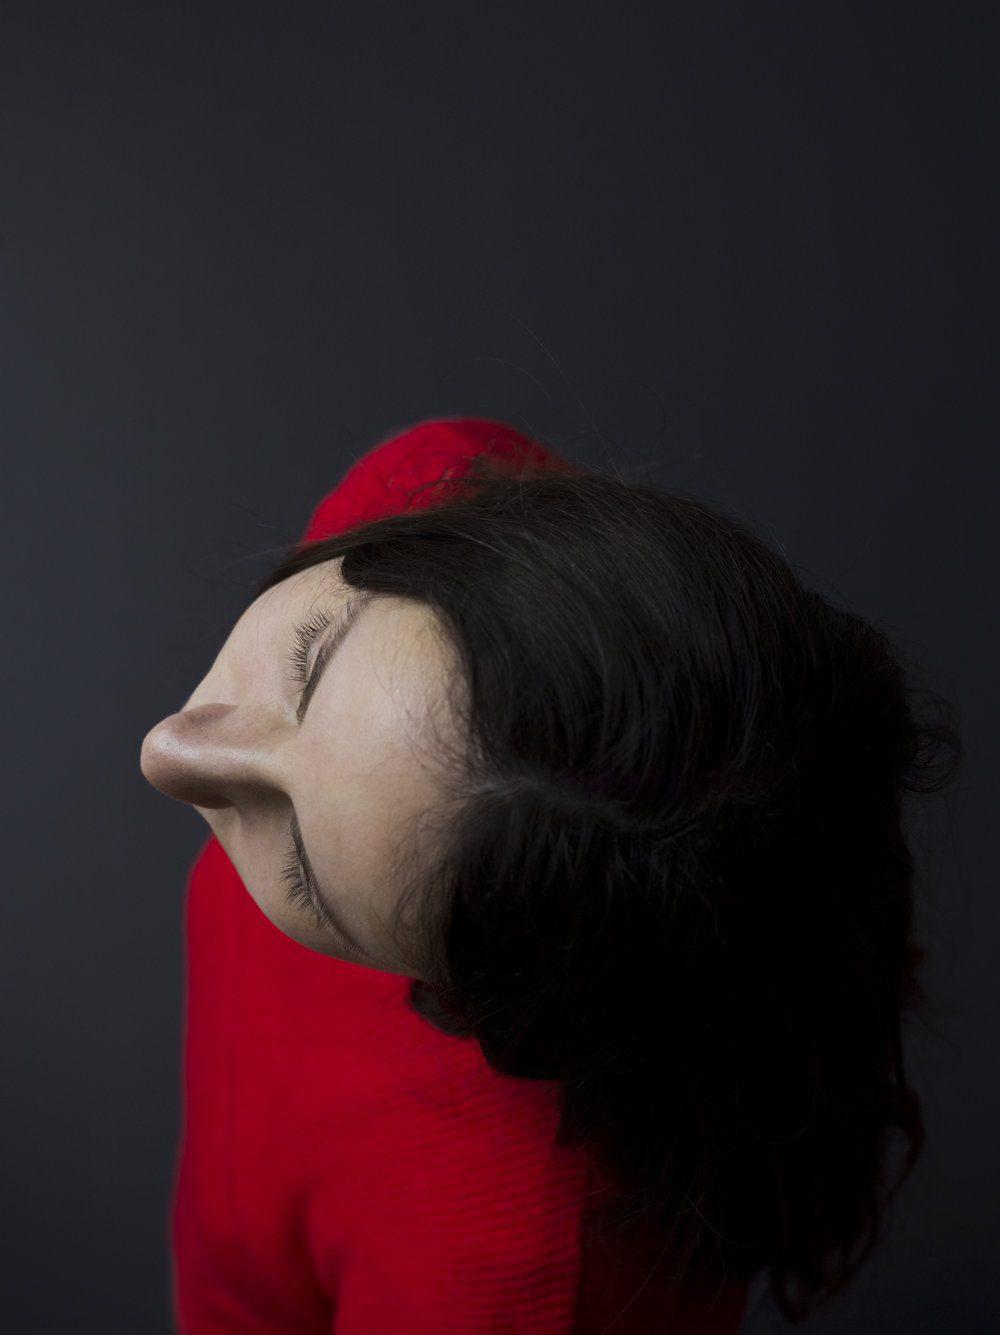 Martine Stig – Profiles#4